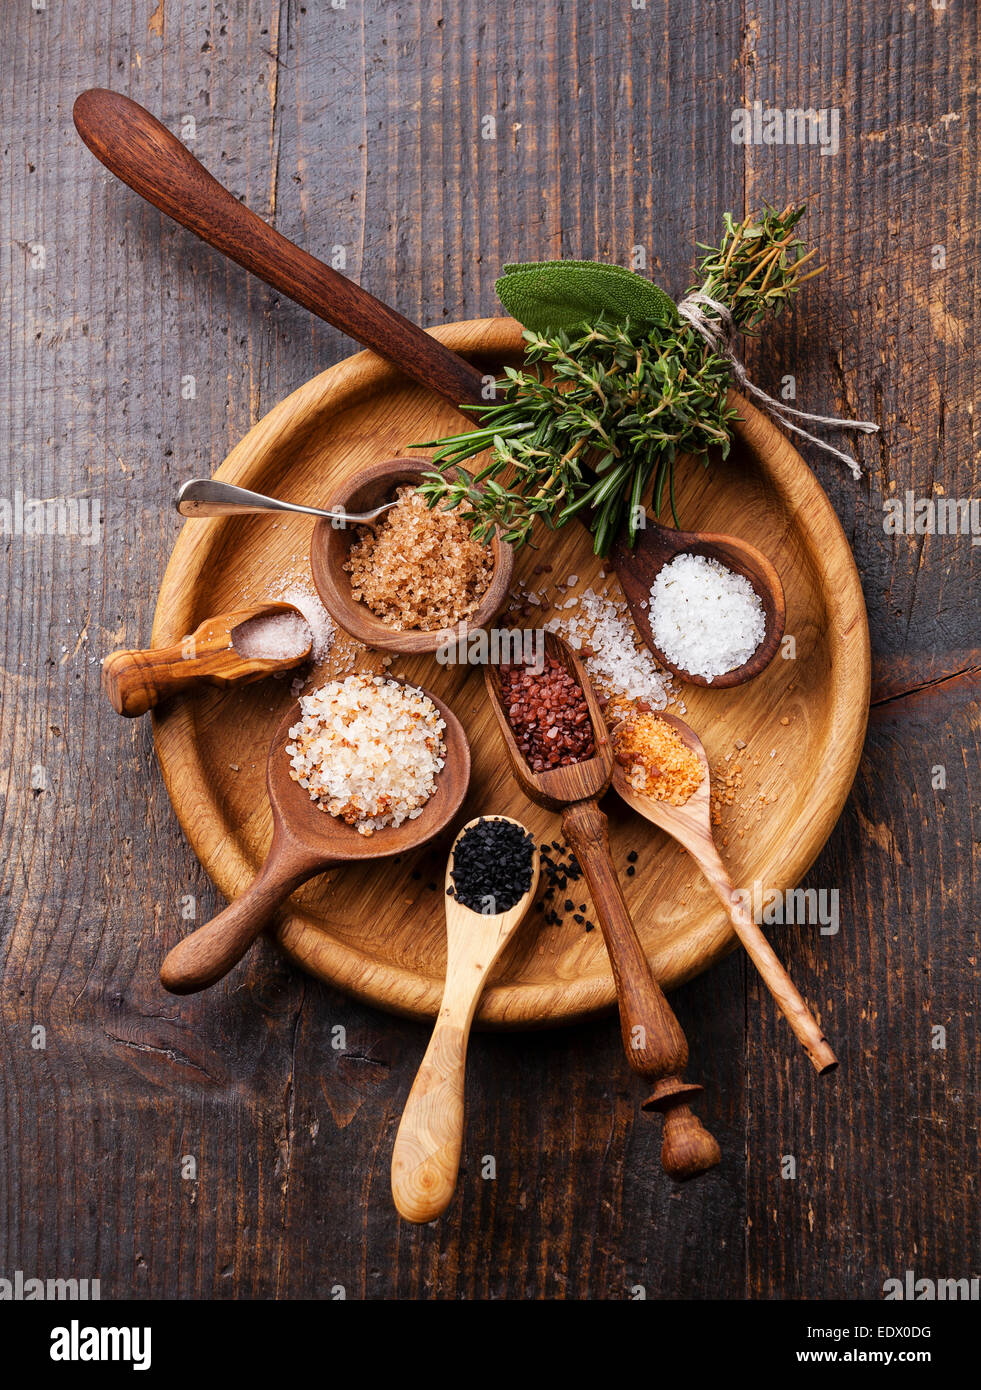 Verschiedene Arten von Lebensmitteln grobes Salz in Holzlöffel auf dunklem Hintergrund Stockbild